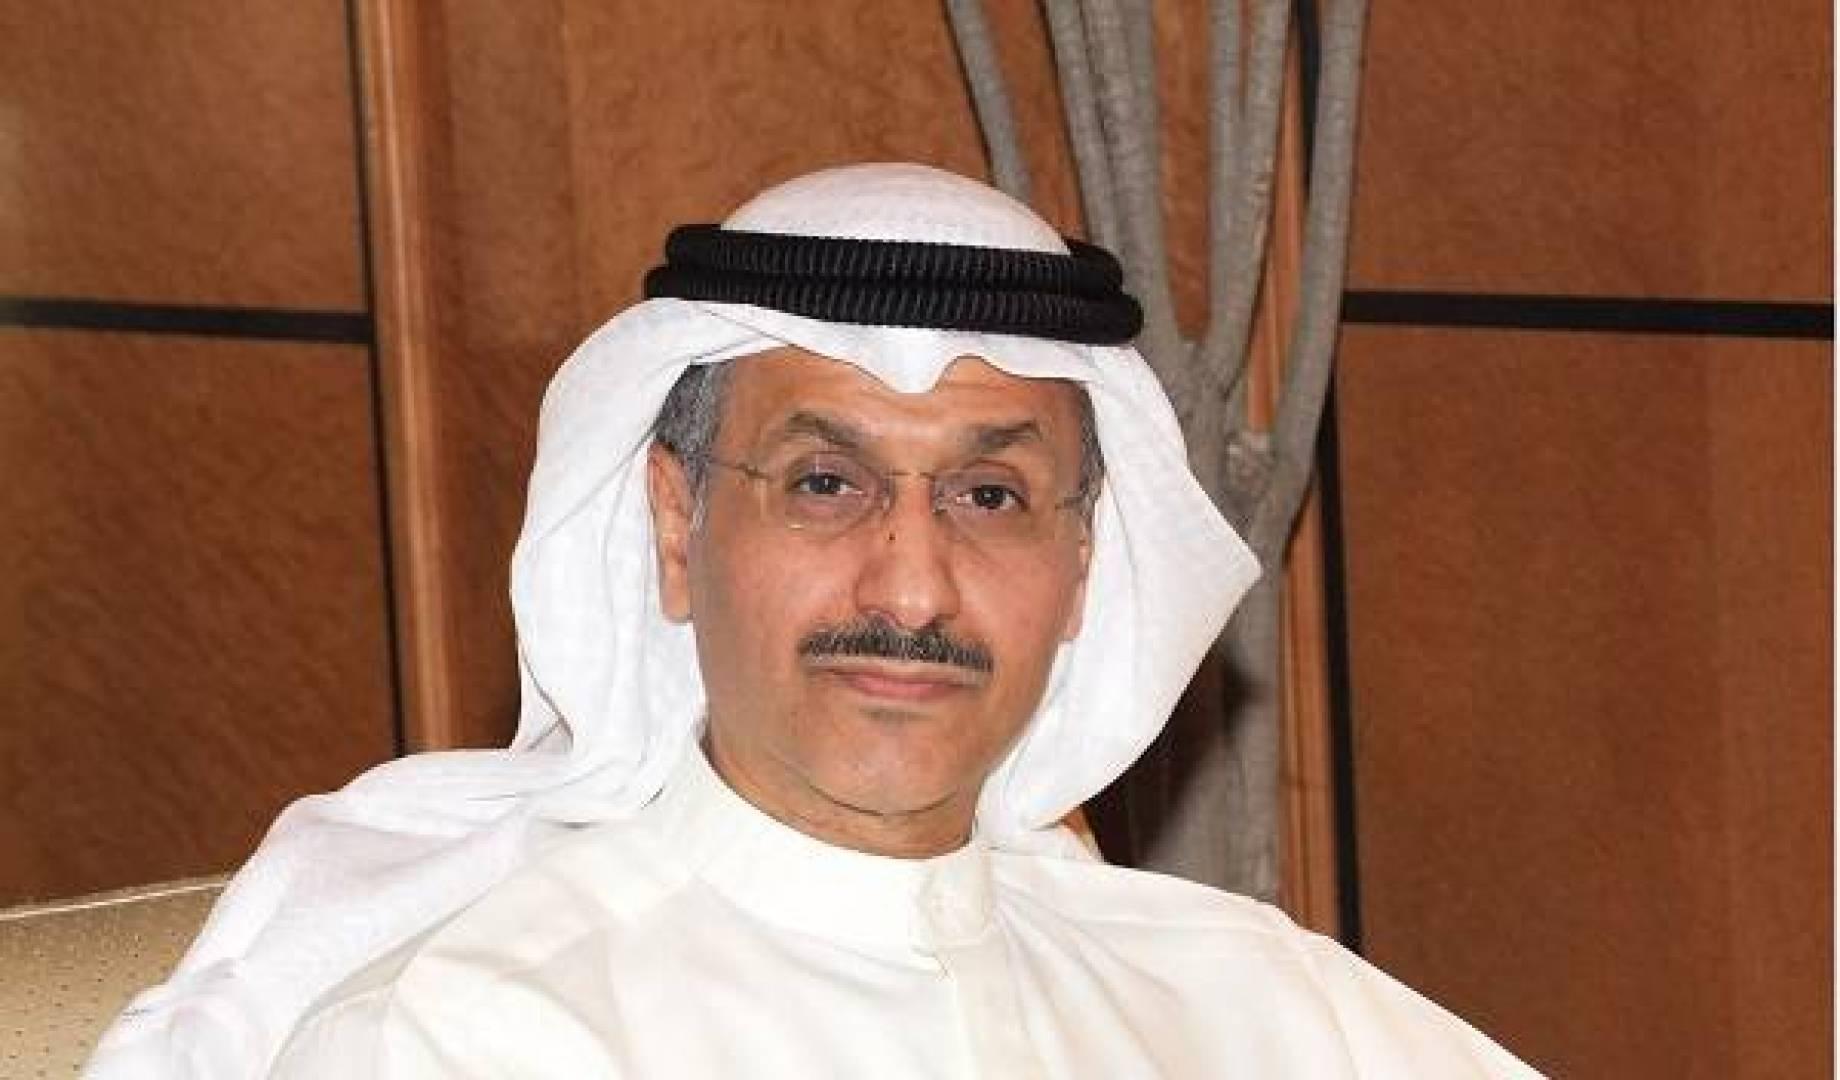 المزرم: سمو الأمير يقبل استقالة الحكومة